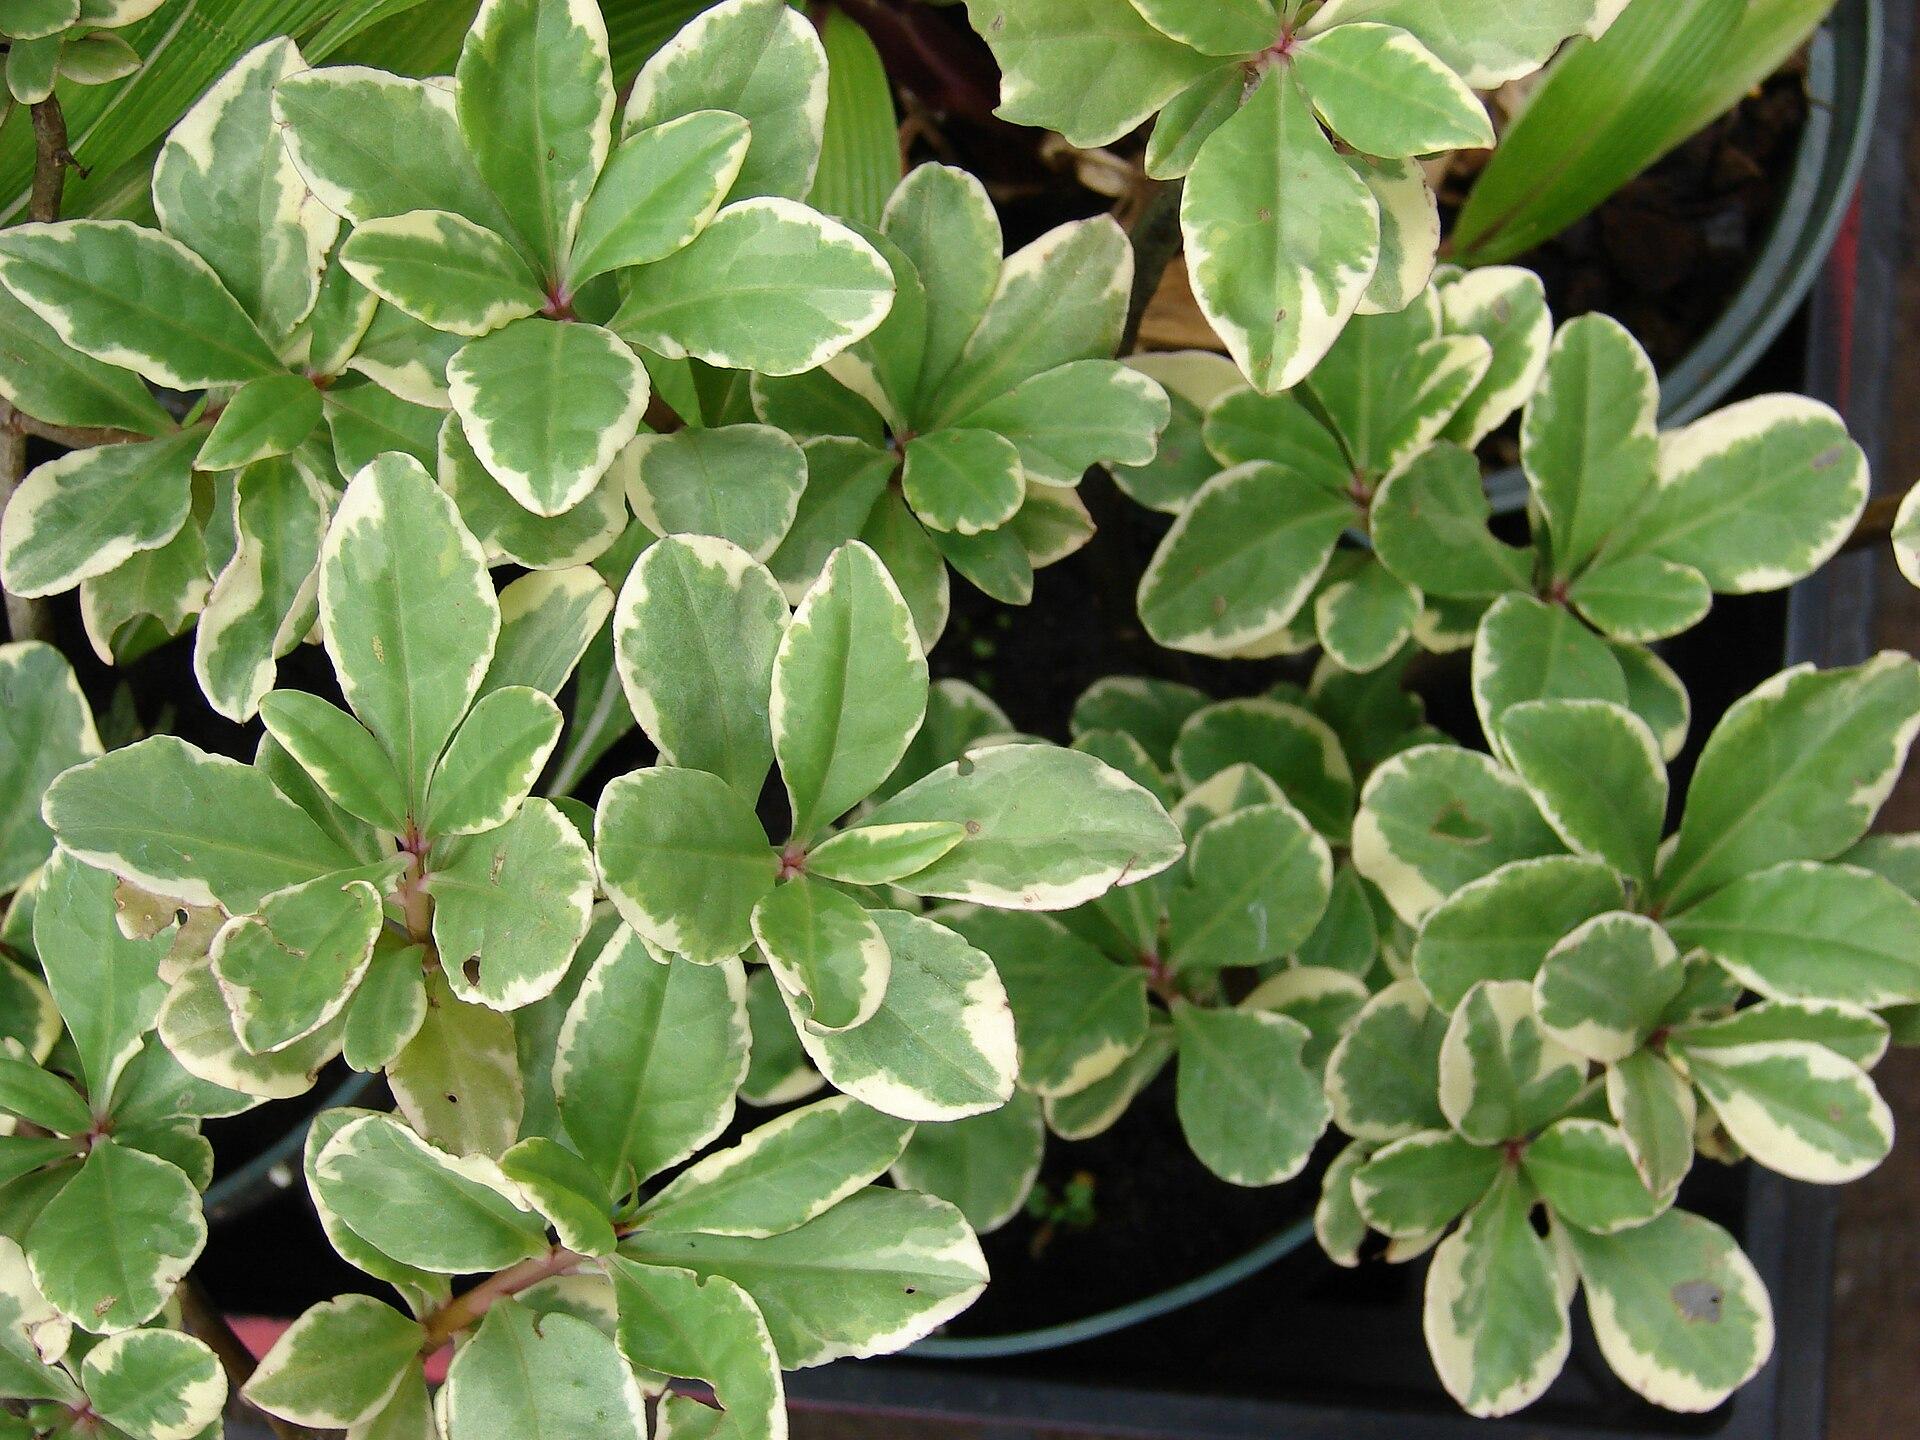 Ruelingia patens